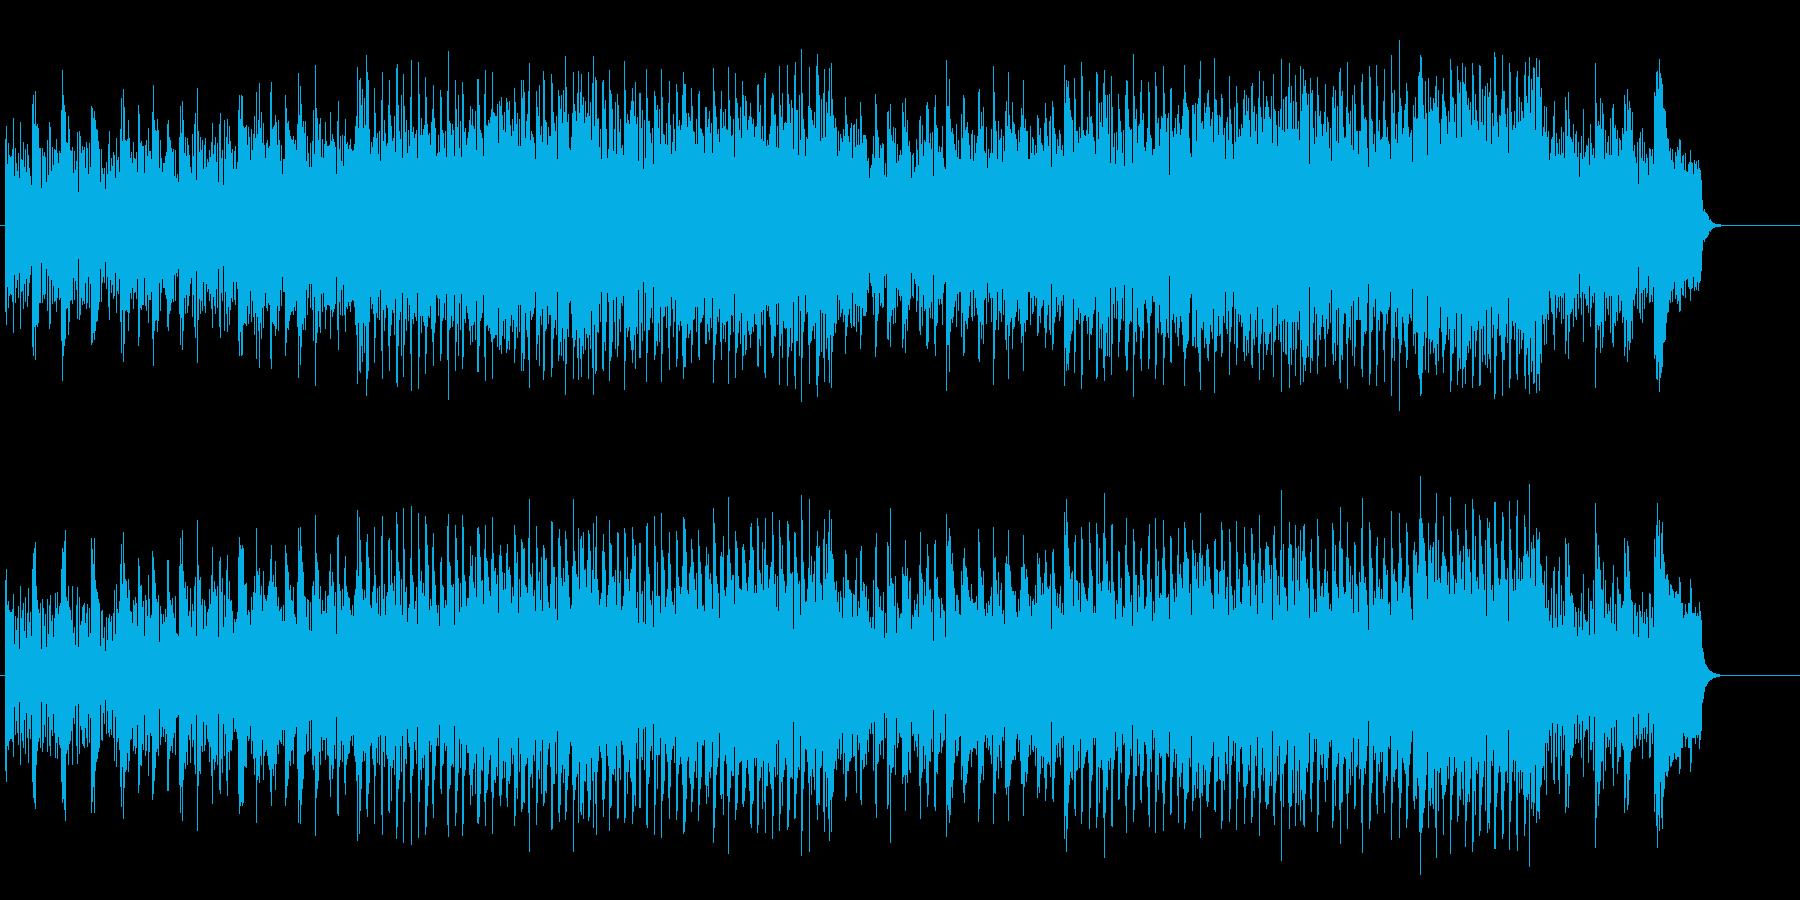 クラシカルなチャイルド・ミュージックの再生済みの波形